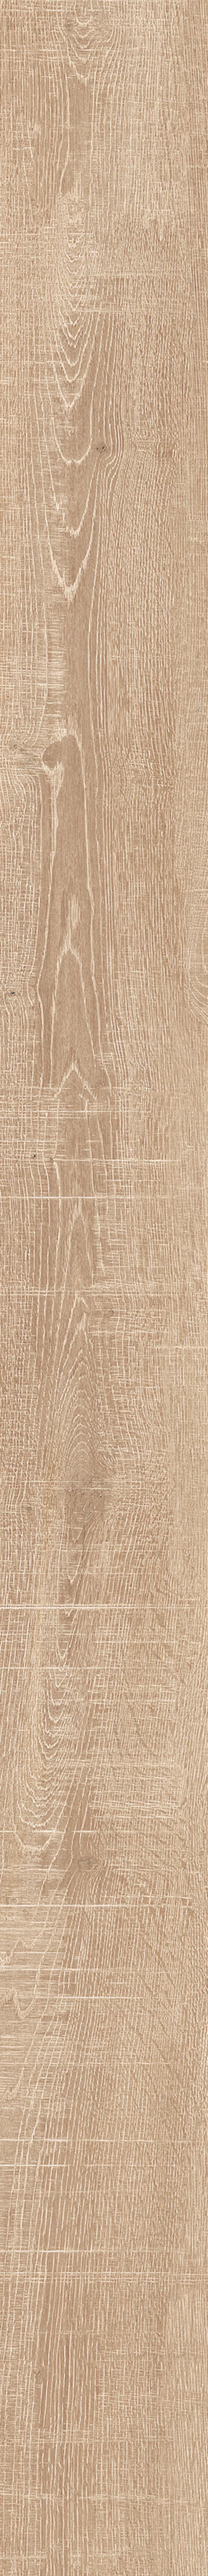 Płytka podłogowa drewnopodobna Cerrad Nickwood Beige 20x240